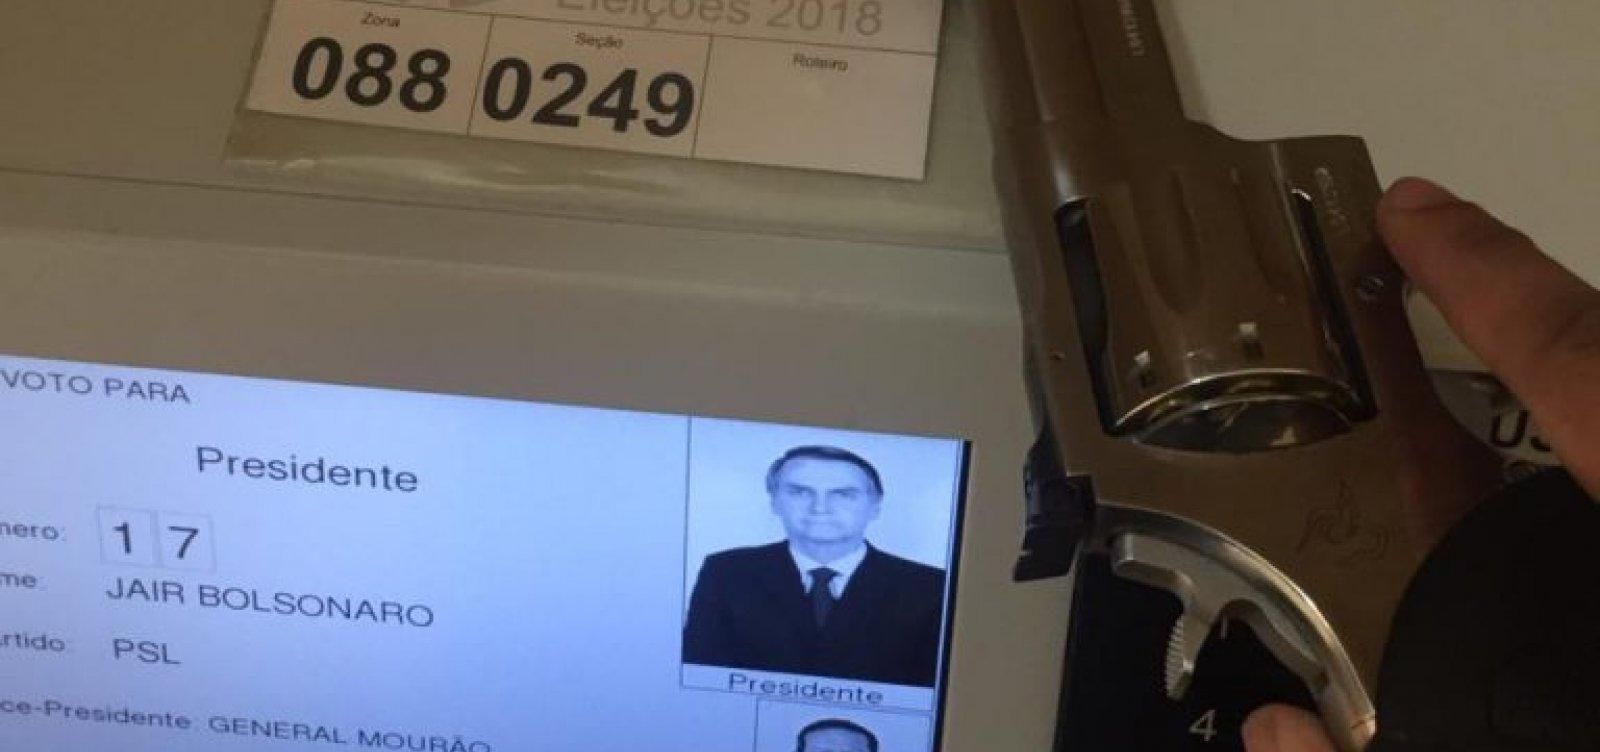 Vídeo mostra eleitor de Bolsonaro armado na cabine de votação